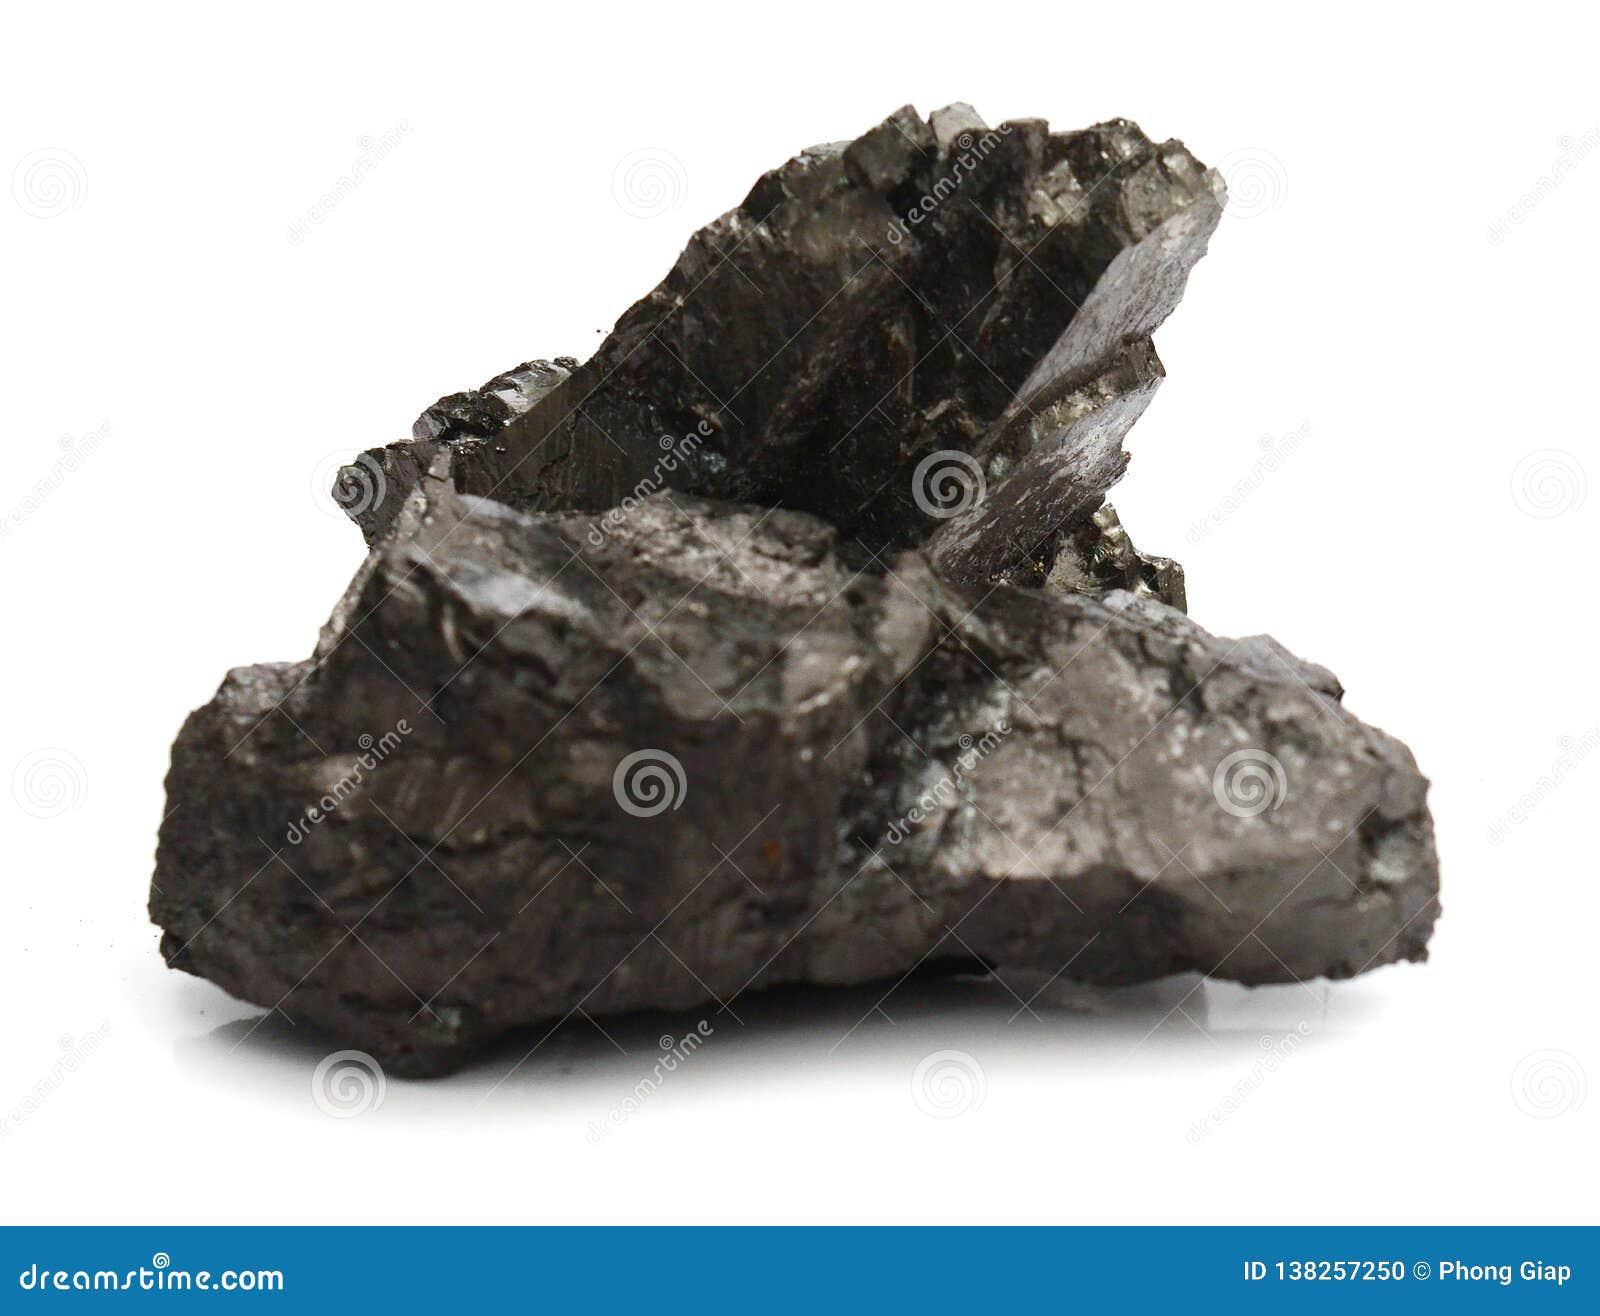 Stück Kohle getrennt auf Weiß